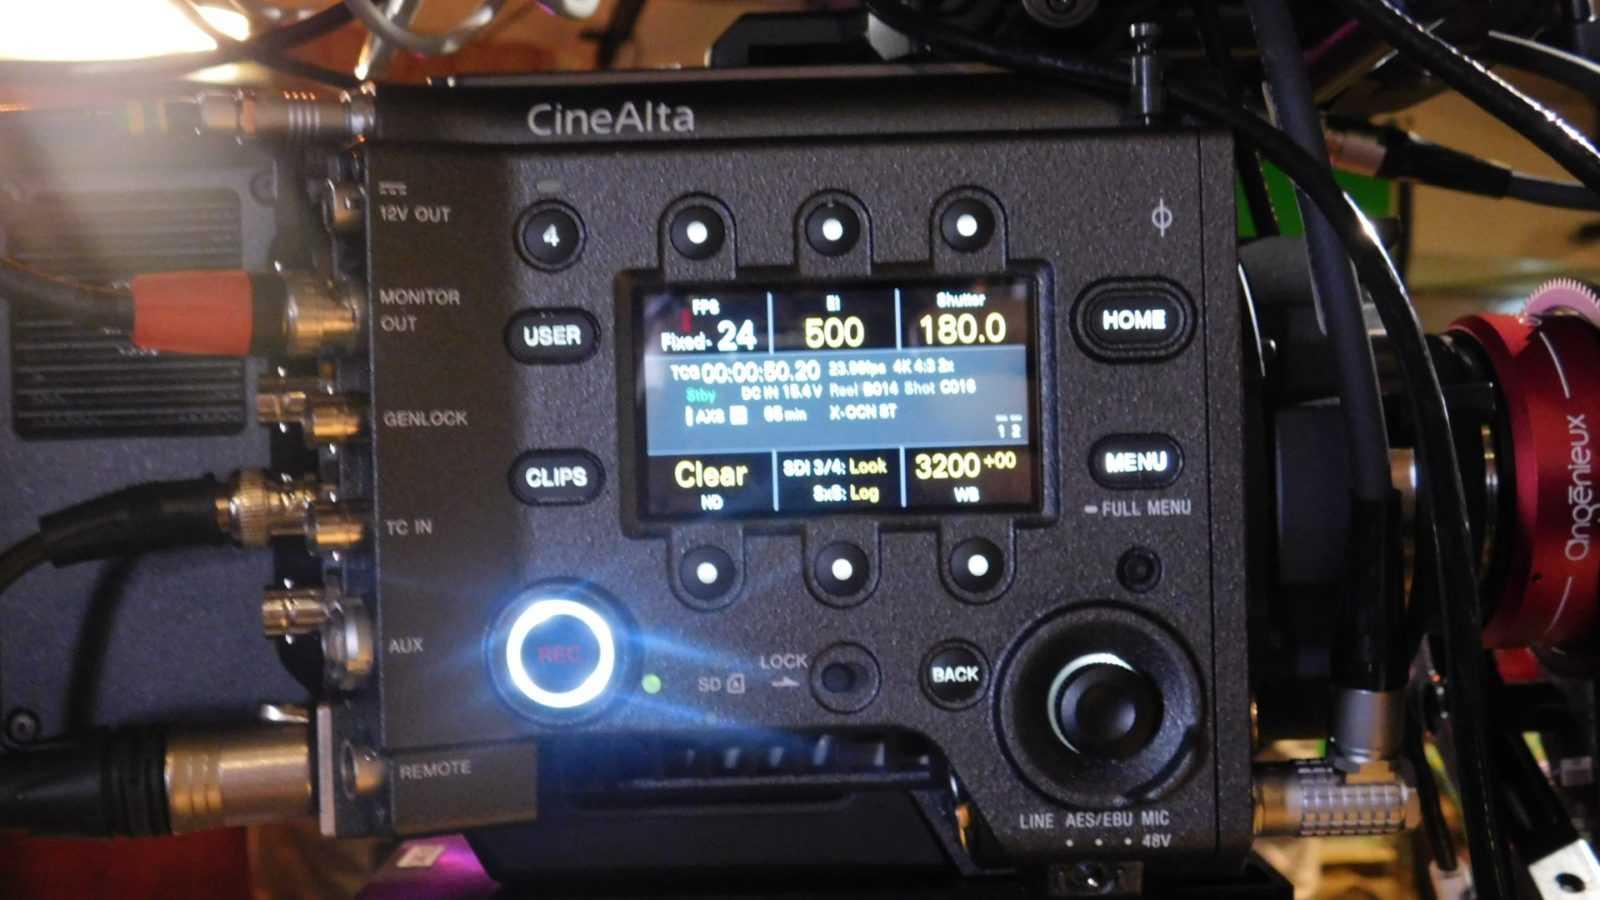 Il pannello di controllo della Sony CineAlta Venice